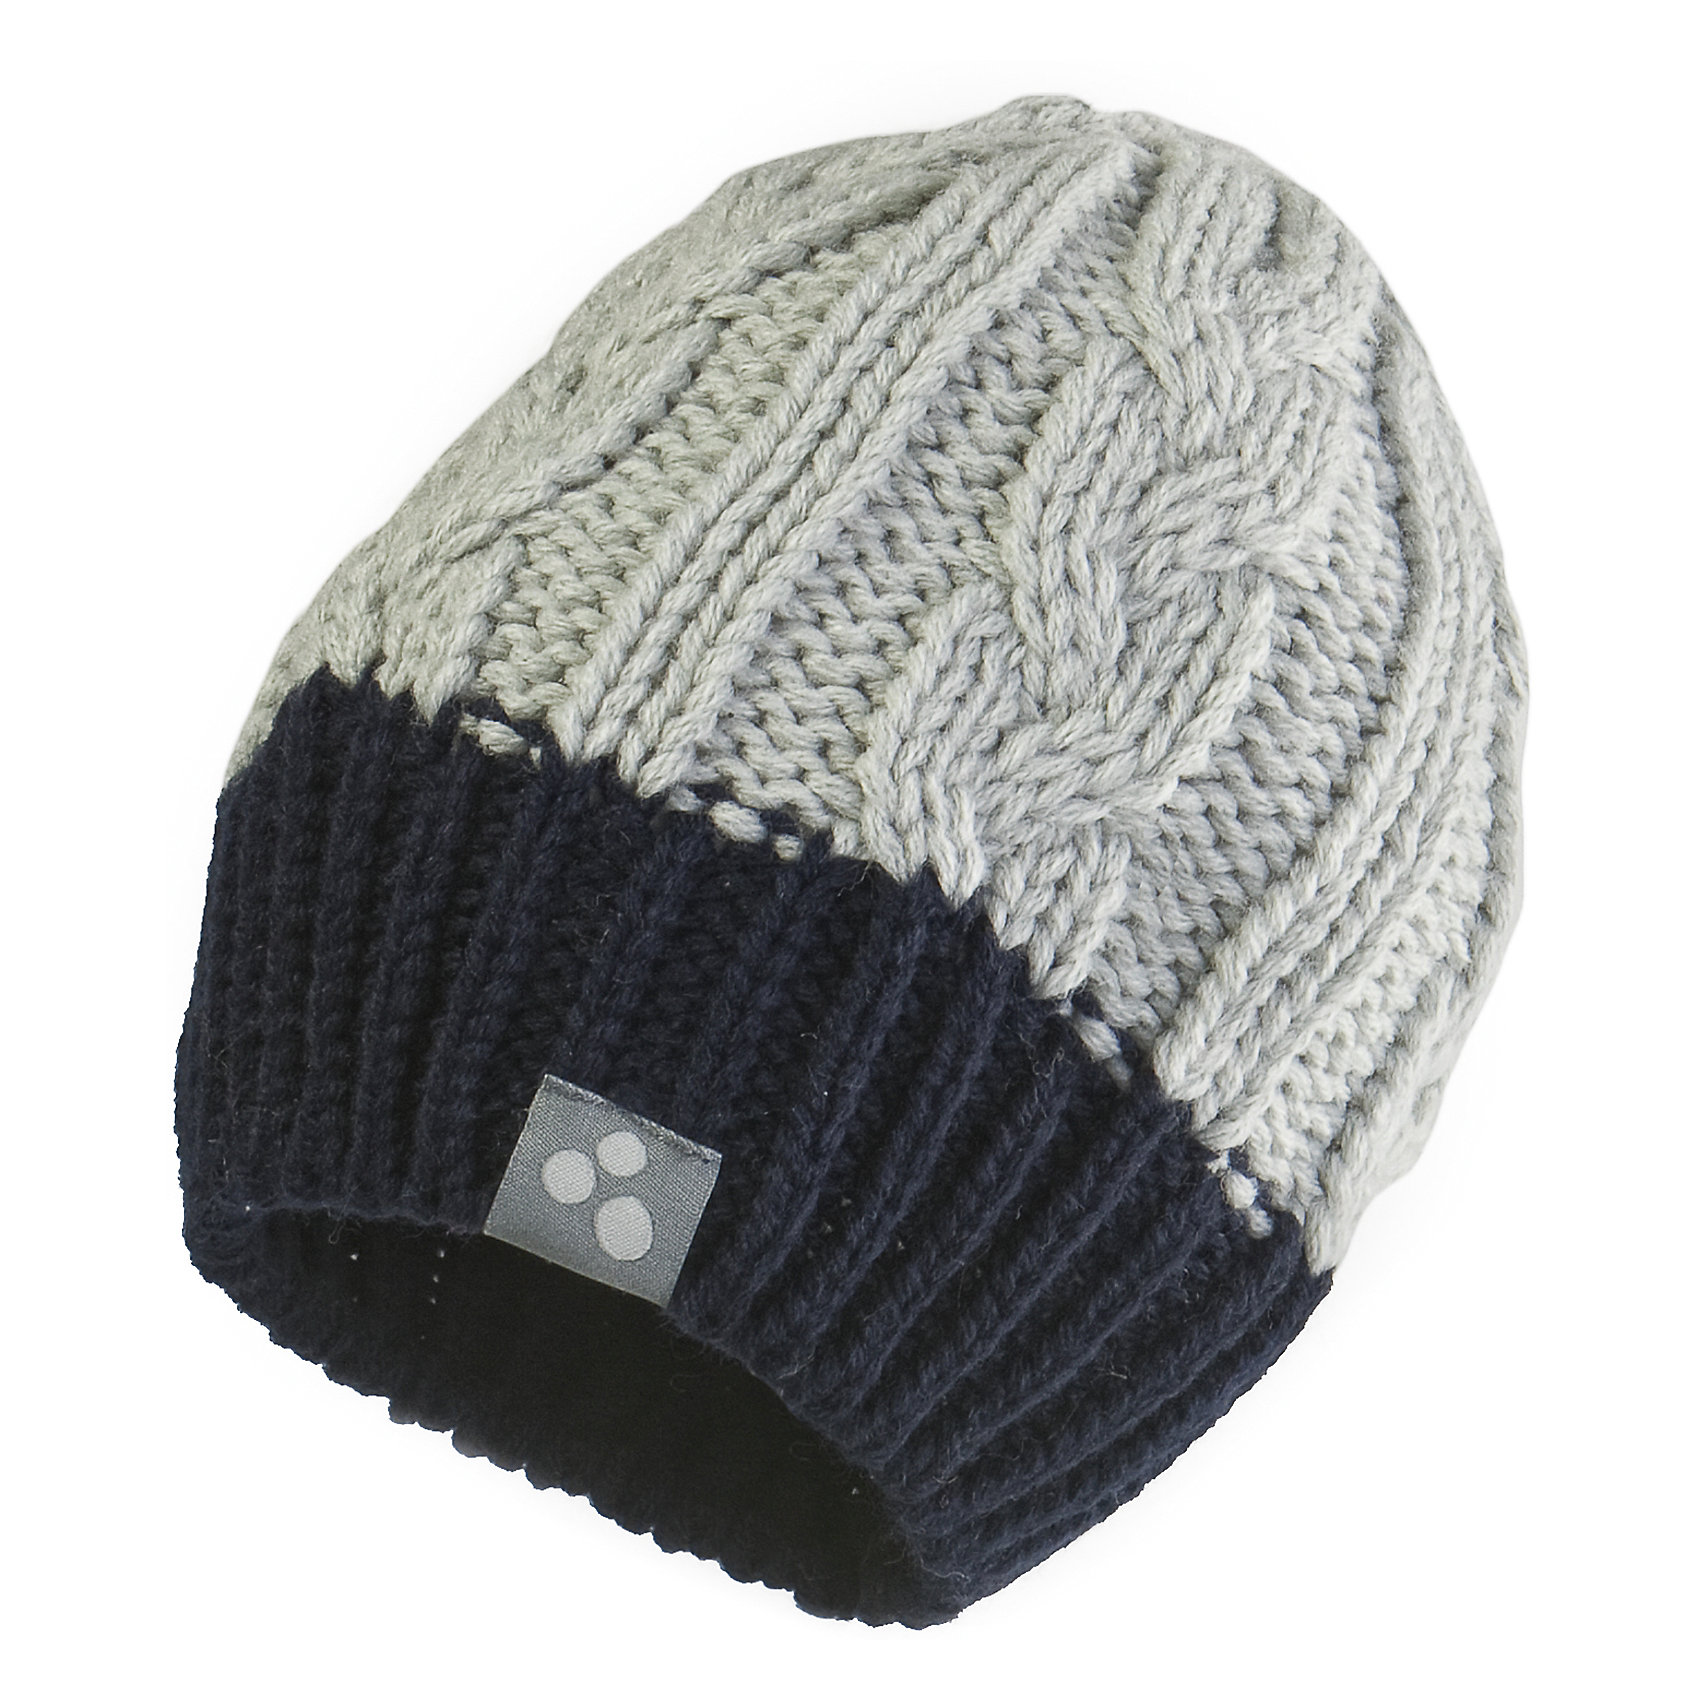 Шапка для мальчика HuppaГоловные уборы<br>Зимняя вязаная шапка с косичками для мальчиков. Шапка связана из 50% мериносовой шерсти и 50% акриловой пряжи. Резинка контрастных оттенков защищает уши от холодного ветра. Приятная шапка предназначена для ношения в более мягкую зимнюю погоду их хорошо сочетается с любой верхней одеждой.<br><br>Шапку для мальчика Huppa (Хуппа) можно купить в нашем магазине.<br><br>Ширина мм: 89<br>Глубина мм: 117<br>Высота мм: 44<br>Вес г: 155<br>Цвет: серый<br>Возраст от месяцев: 144<br>Возраст до месяцев: 168<br>Пол: Мужской<br>Возраст: Детский<br>Размер: 57,55-57,51-53<br>SKU: 4242747